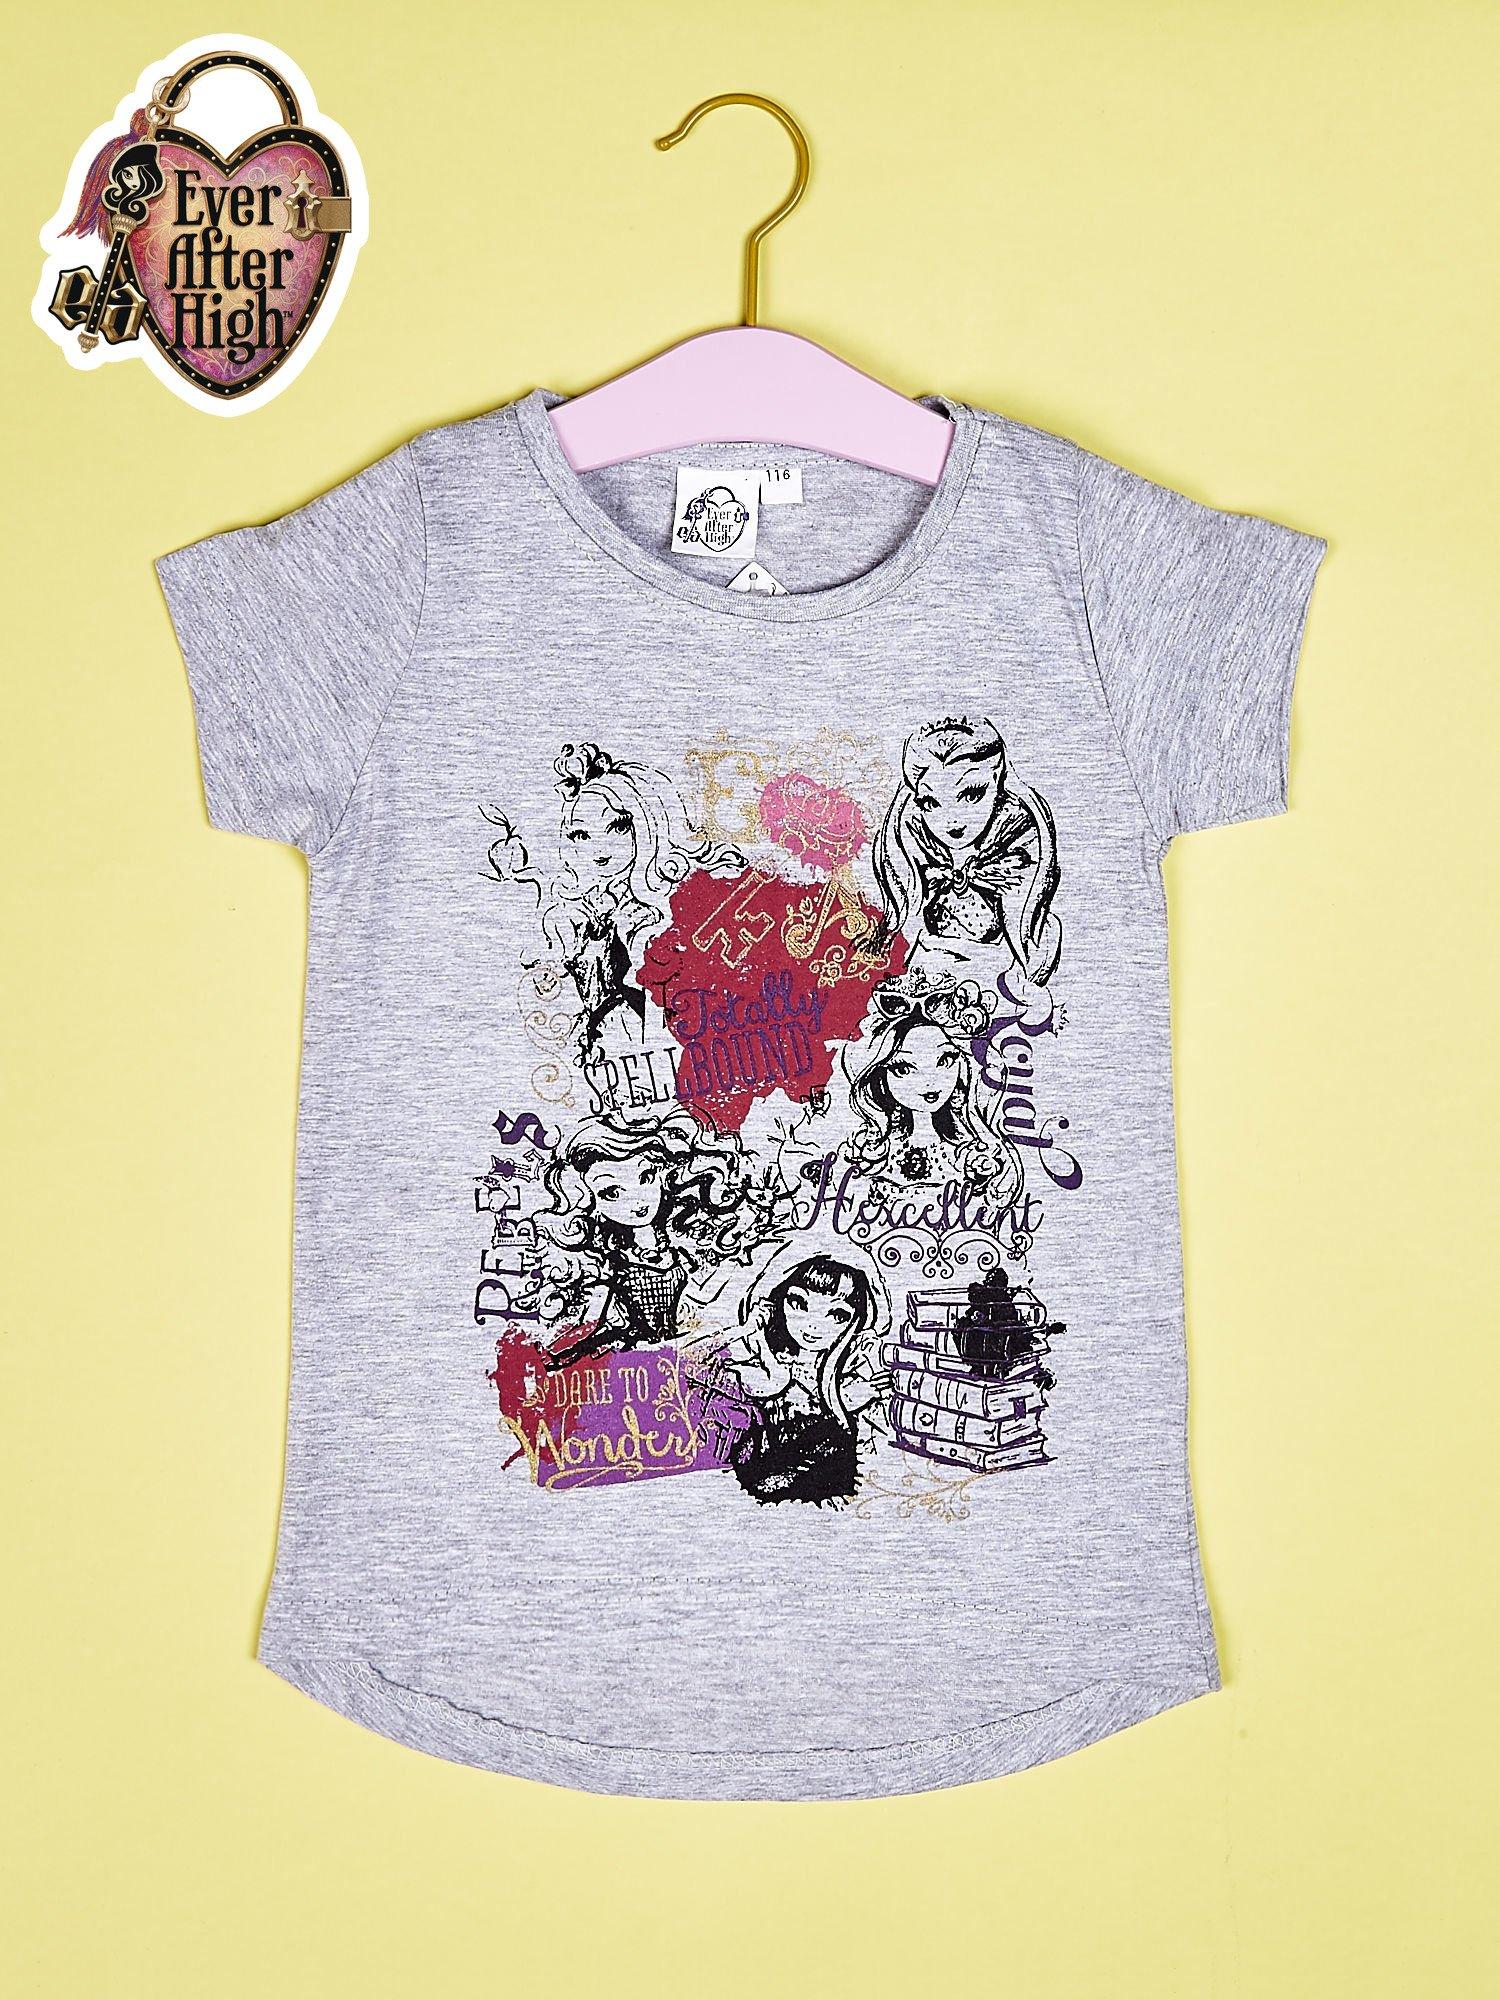 Szary t-shirt dla dziewczynki z nadrukiem EVER AFTER HIGH                                  zdj.                                  1